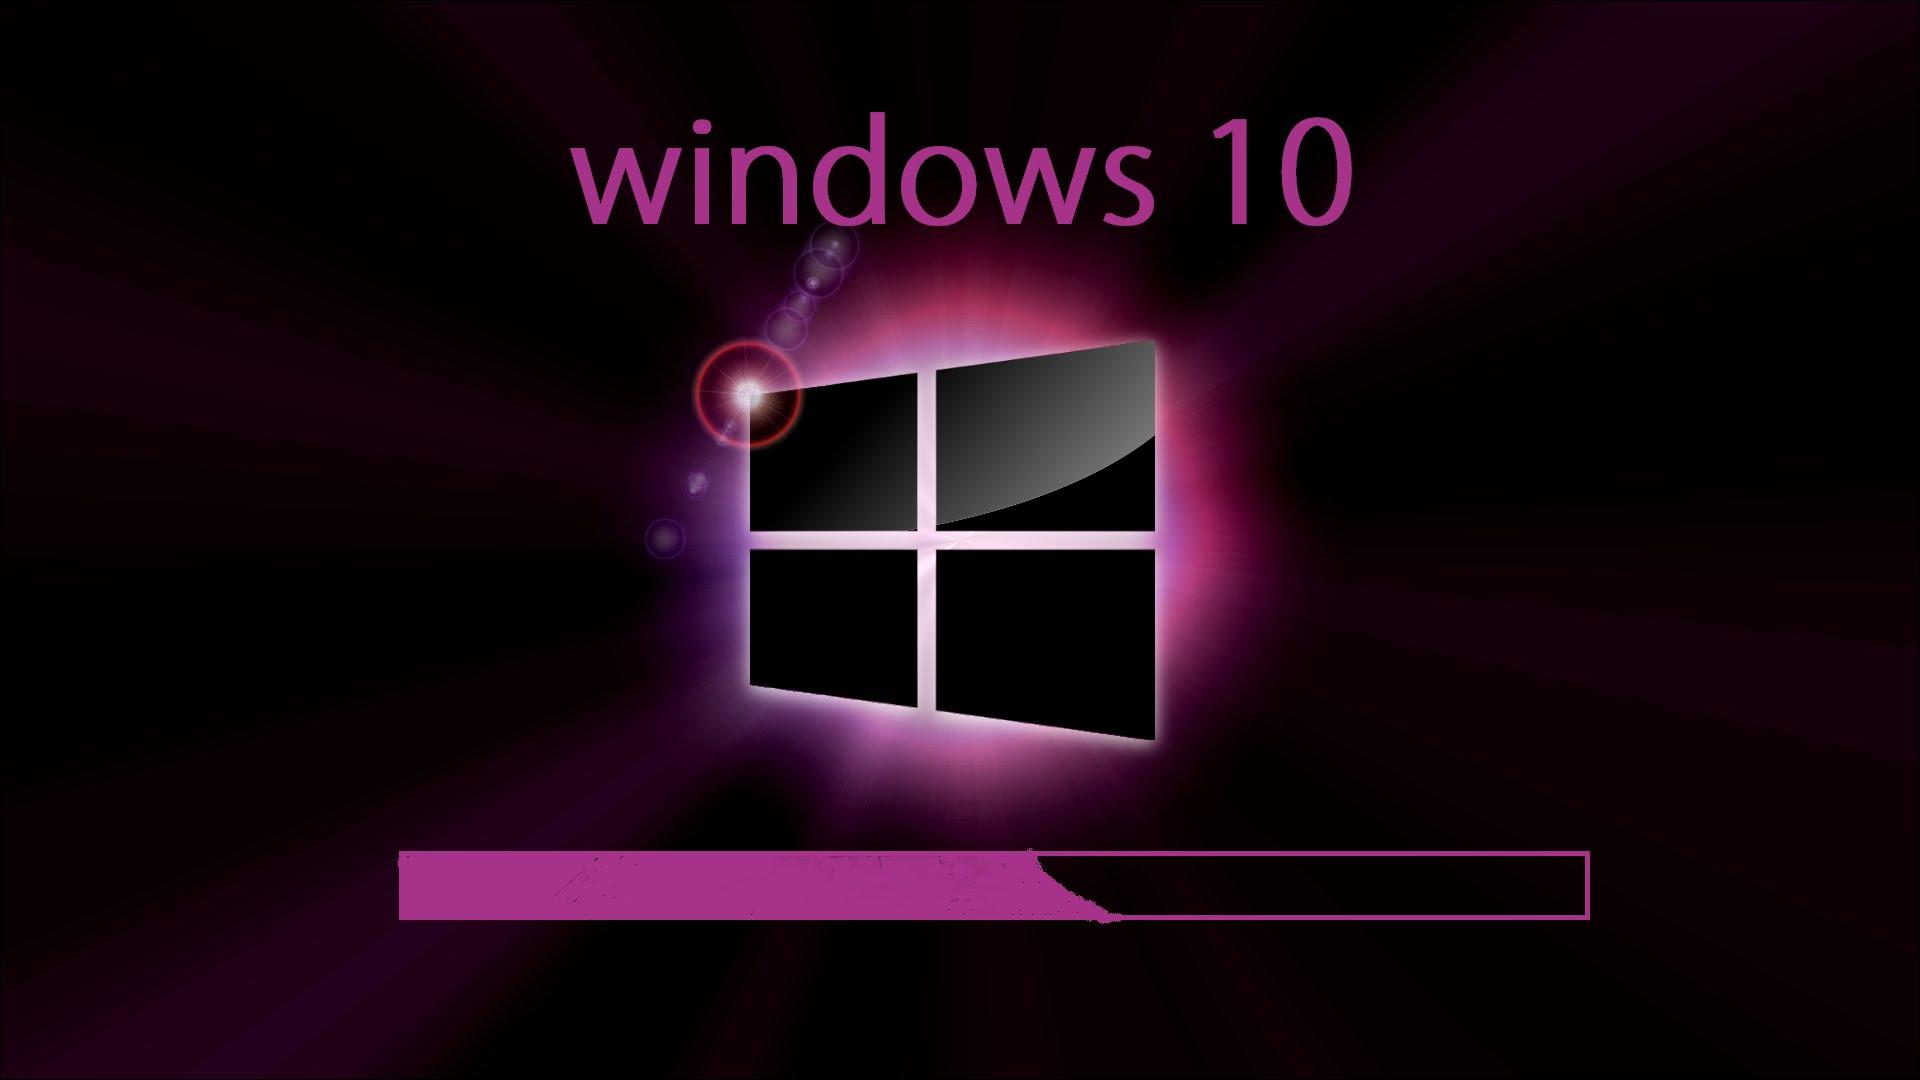 При загрузке Windows появляется черный экран